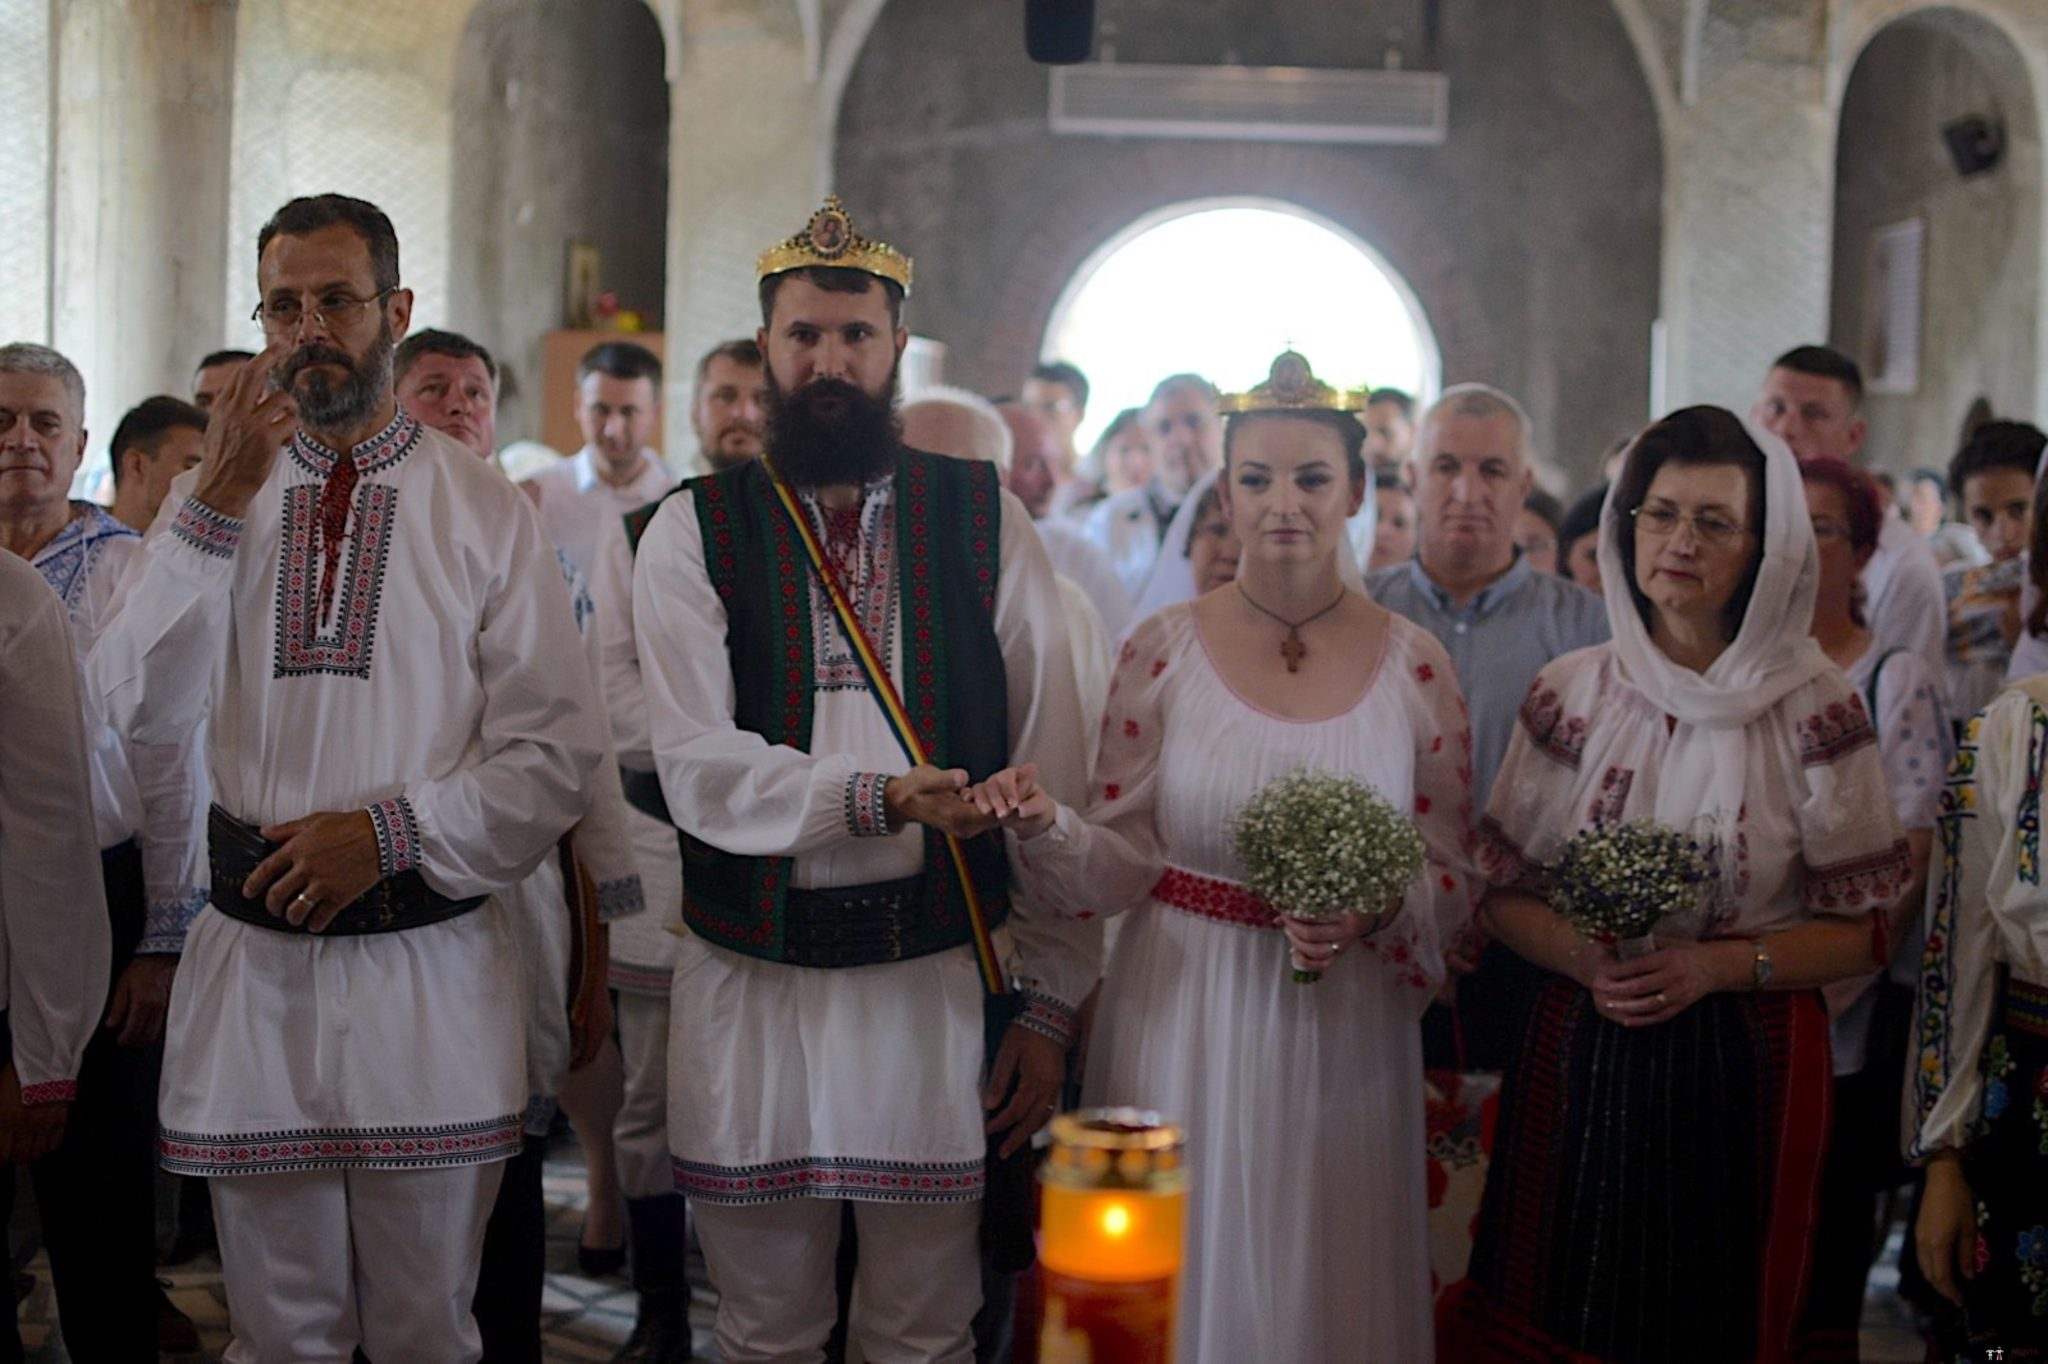 Povești Nunți Tradiționale - George Gabriel și Alexandra Buzatu, nuntă tradițională în Strejnicu, Prahova 15